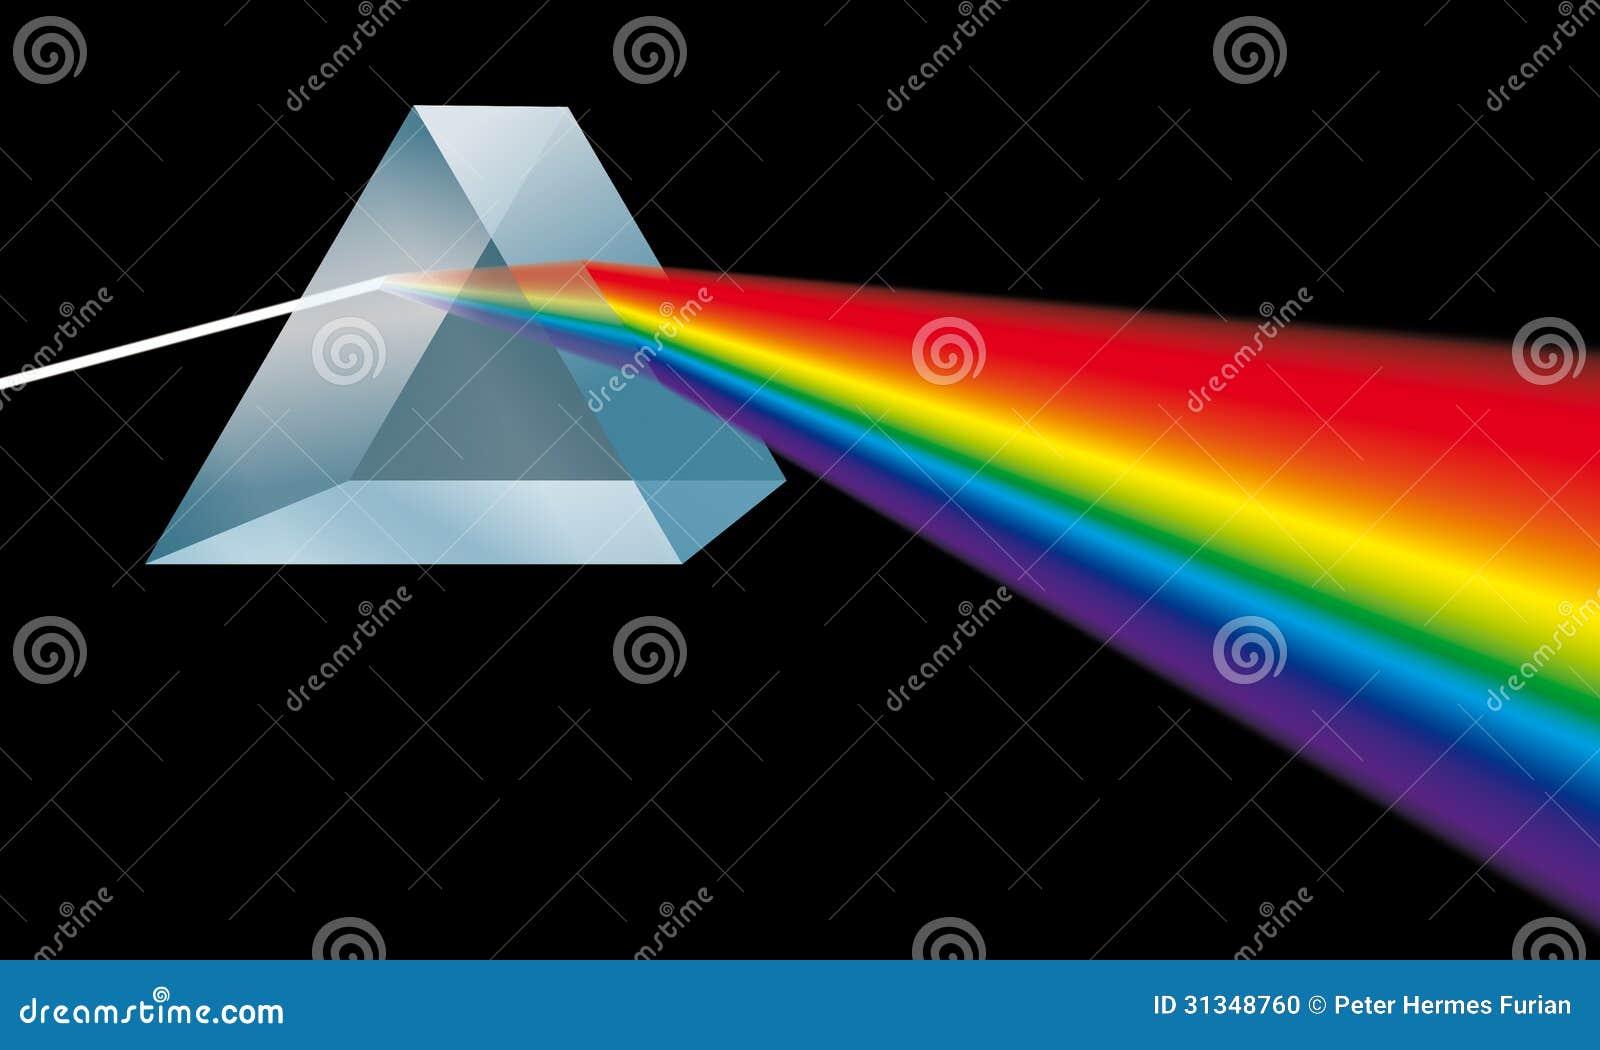 Τριγωνικό φως σπασιμάτων πρισμάτων στα φασματικά χρώματα